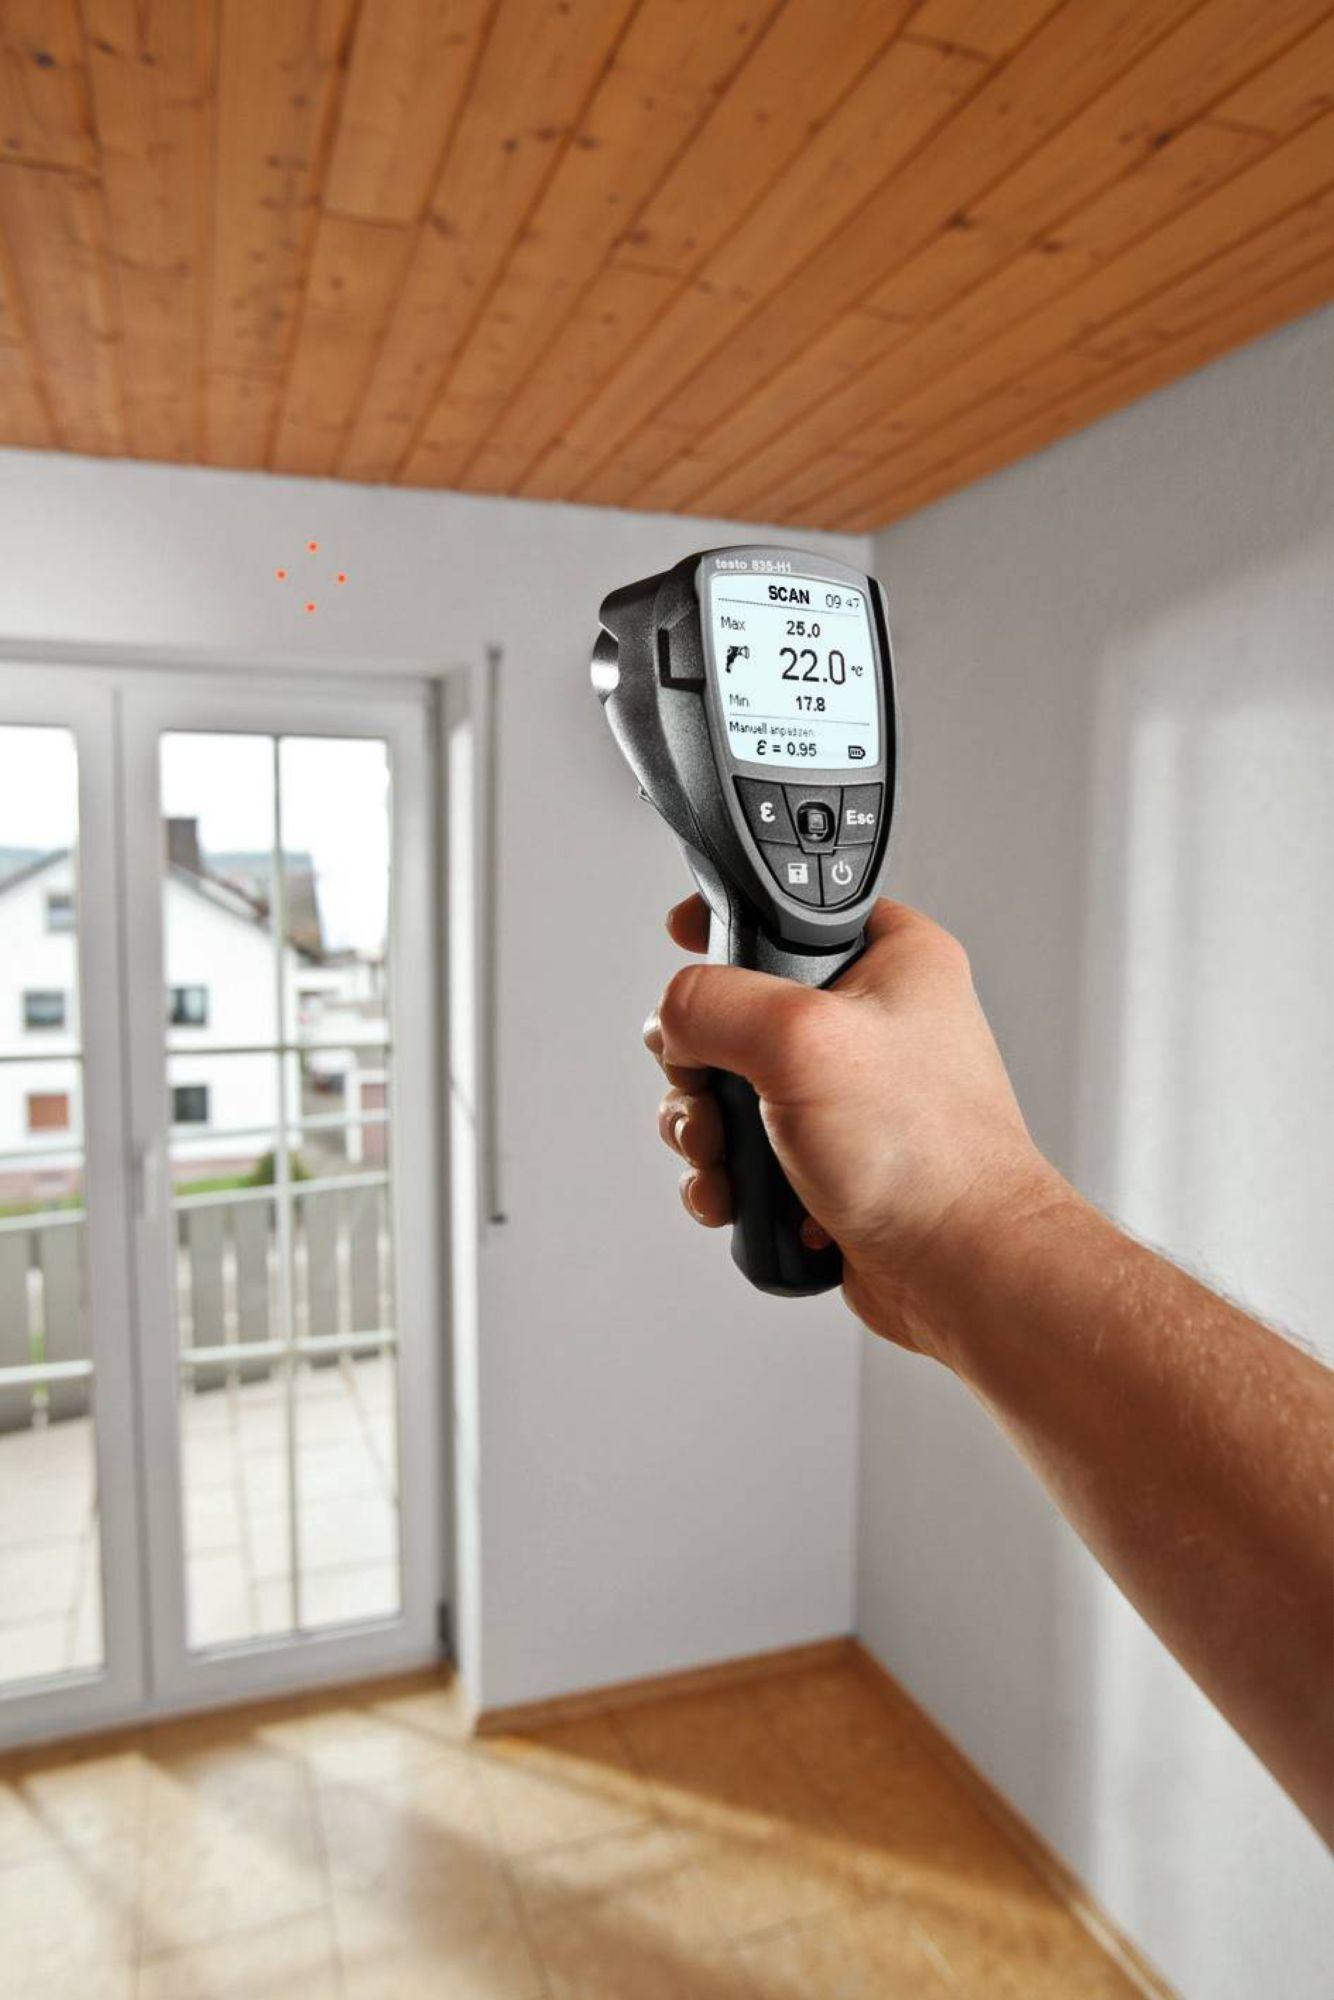 testo-835-application-temperature-003512-small.jpg